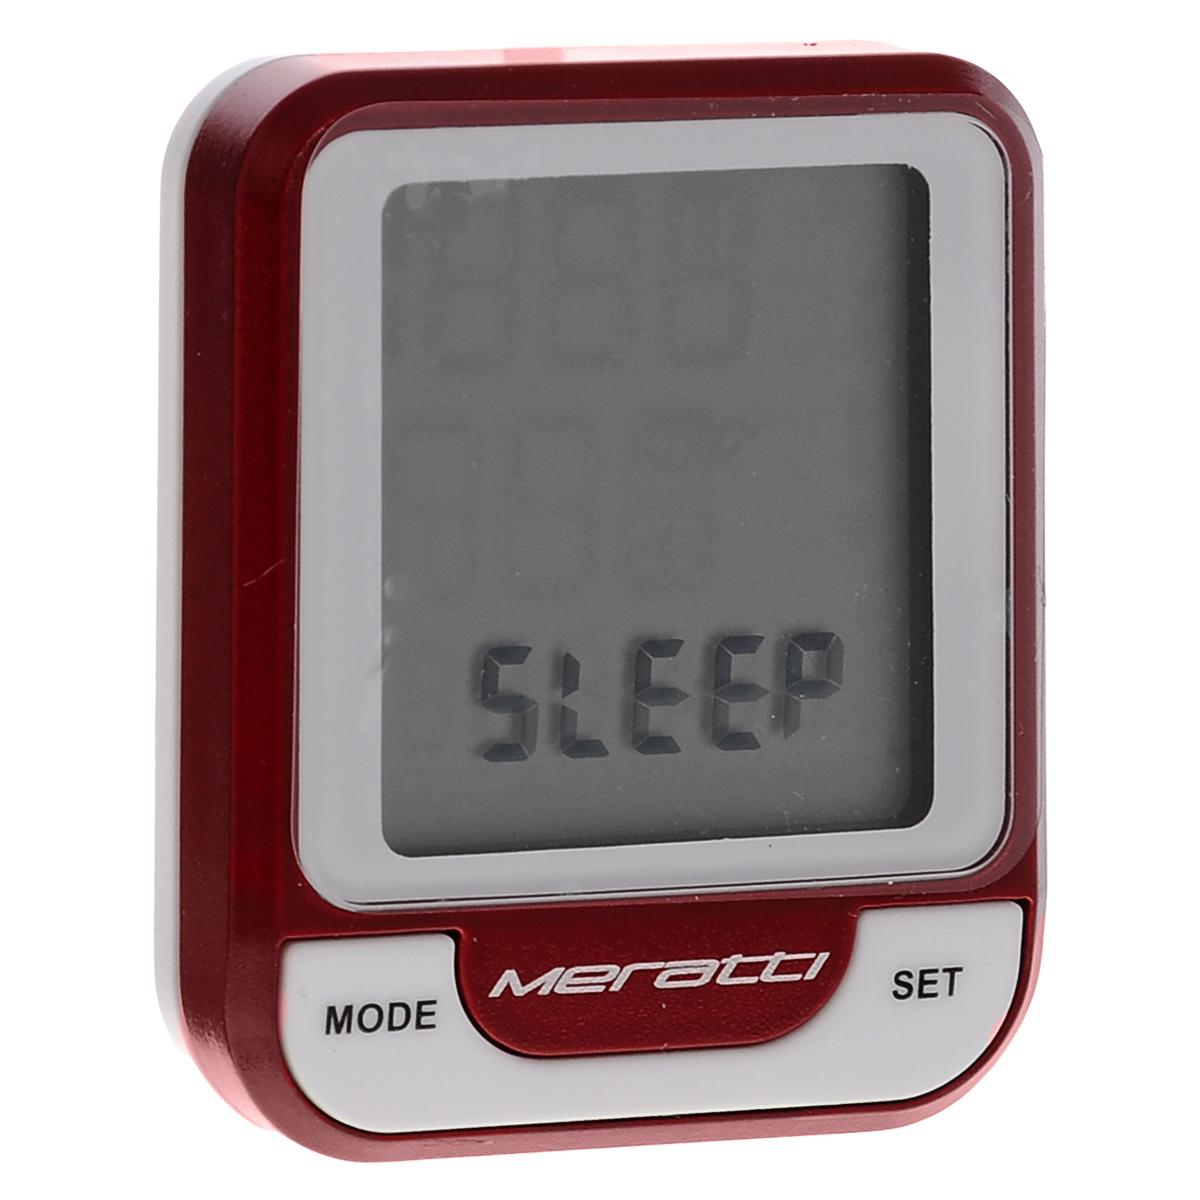 Велокомпьютер беспроводной Meratti, с кардиодатчикомГризлиБеспроводной компьютер Meratti выполнен из высококачественного прочного пластика. Оснащен кардиодатчиком C014. Компьютер питается от 1 батарейки CR2032 (в комплекте).Особенности: Аналоговый способ передачи сигнала 5.3K. Показания монитора: время (часы, минуты, секунды), скорость, средняя скорость, максимальная скорость, тенденция скорости, пульс, средний пульс, максимальный пульс, тенденция пульса, 4 пакета зон пульса, время поездки, суммарное время пробега, общий пробег, общий расход калорий. Режимы: SCAN.